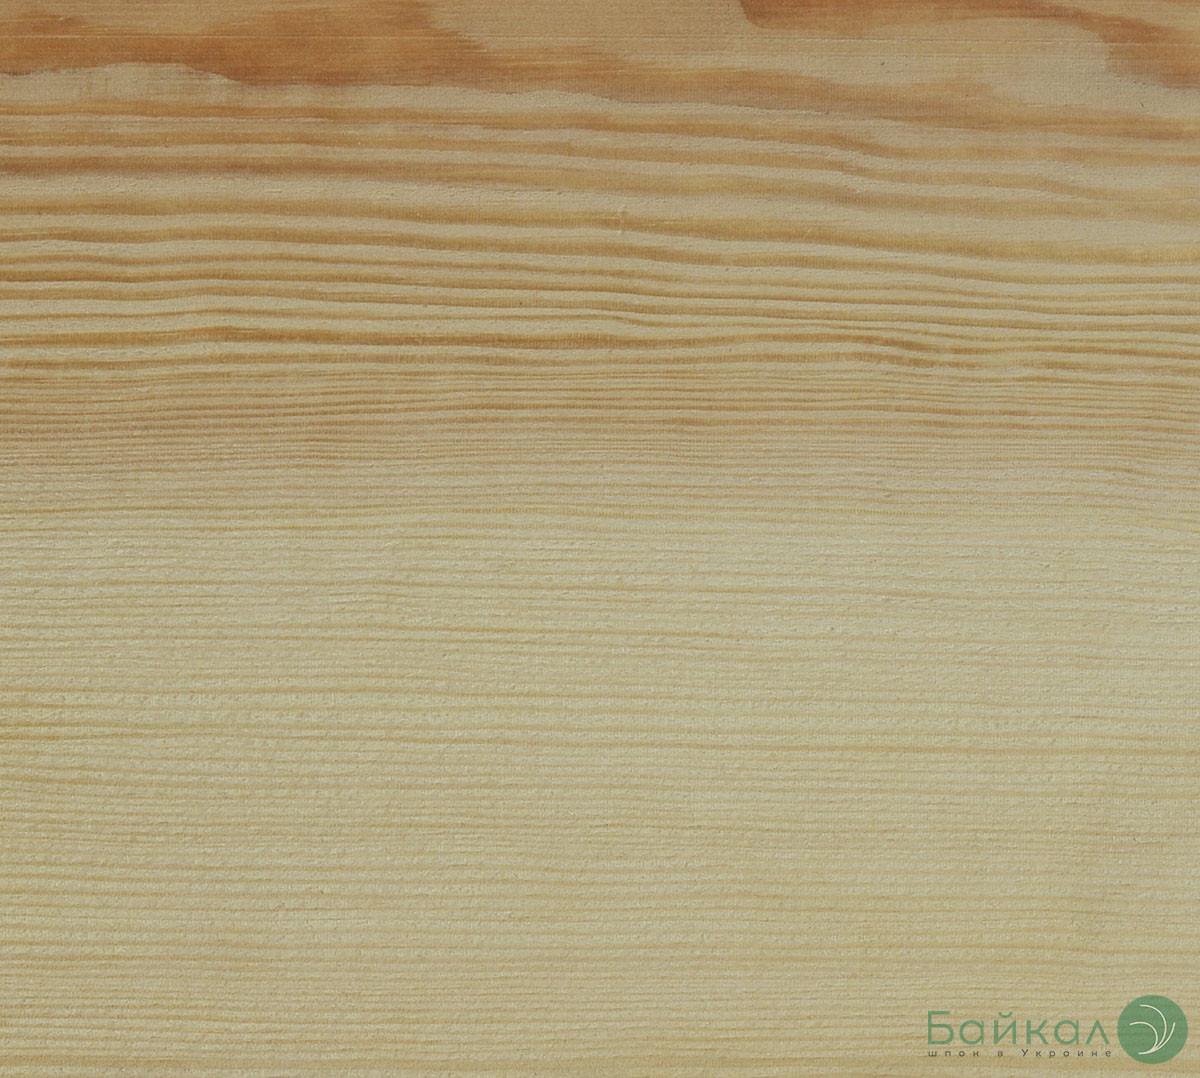 Шпон Сосна 1,5 мм (строганная) В сорт - 2,10 м+/10 см+